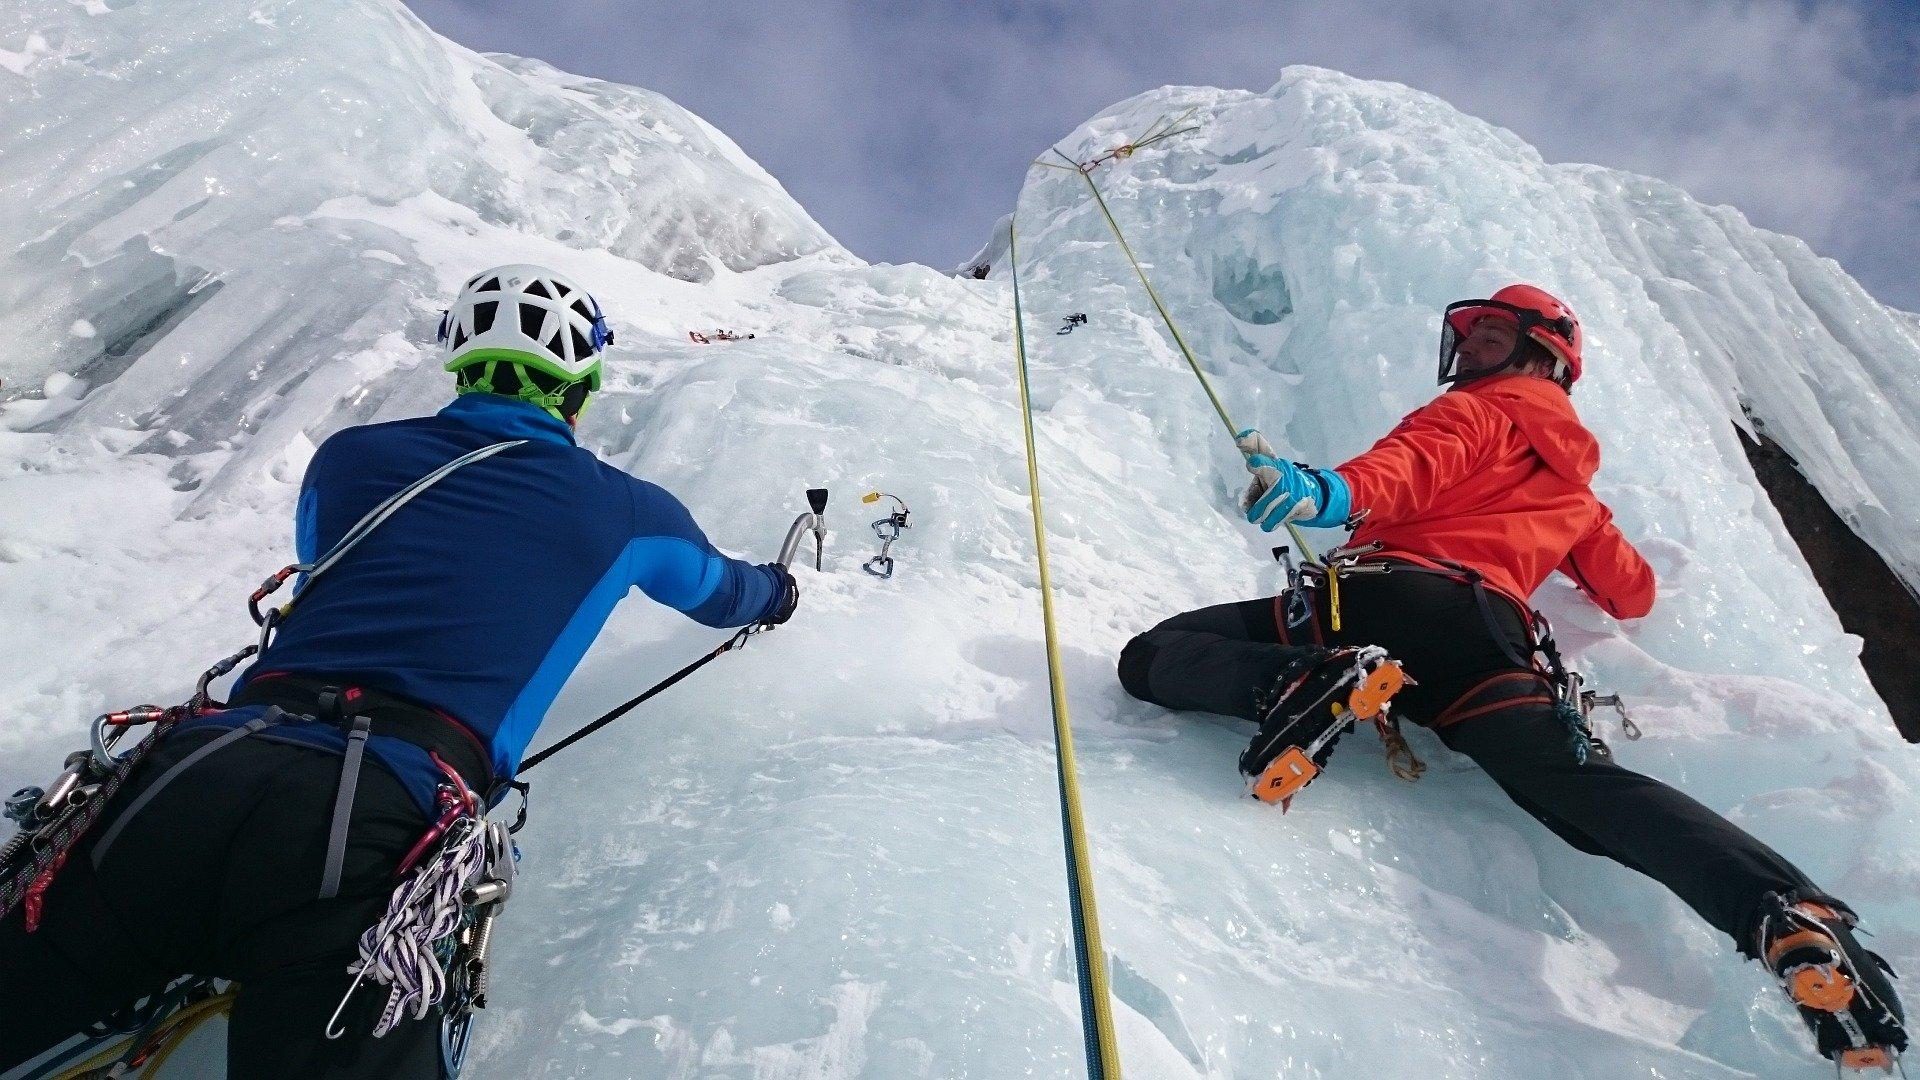 Лекция об альпинизме состоялась для юных жителей поселения Киевский